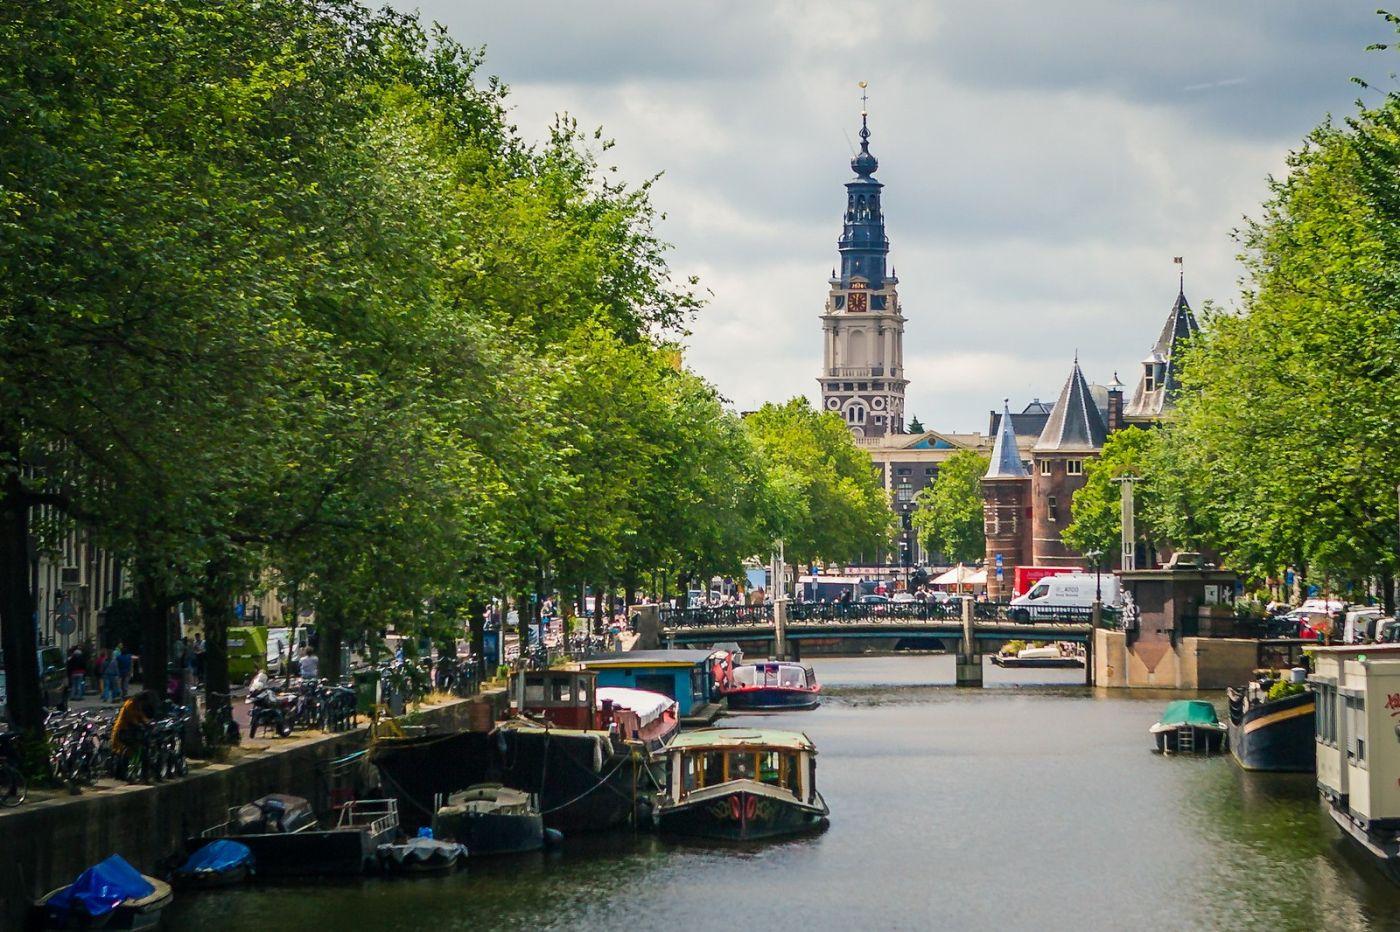 荷兰阿姆斯特丹,穿梭的自行车_图1-24